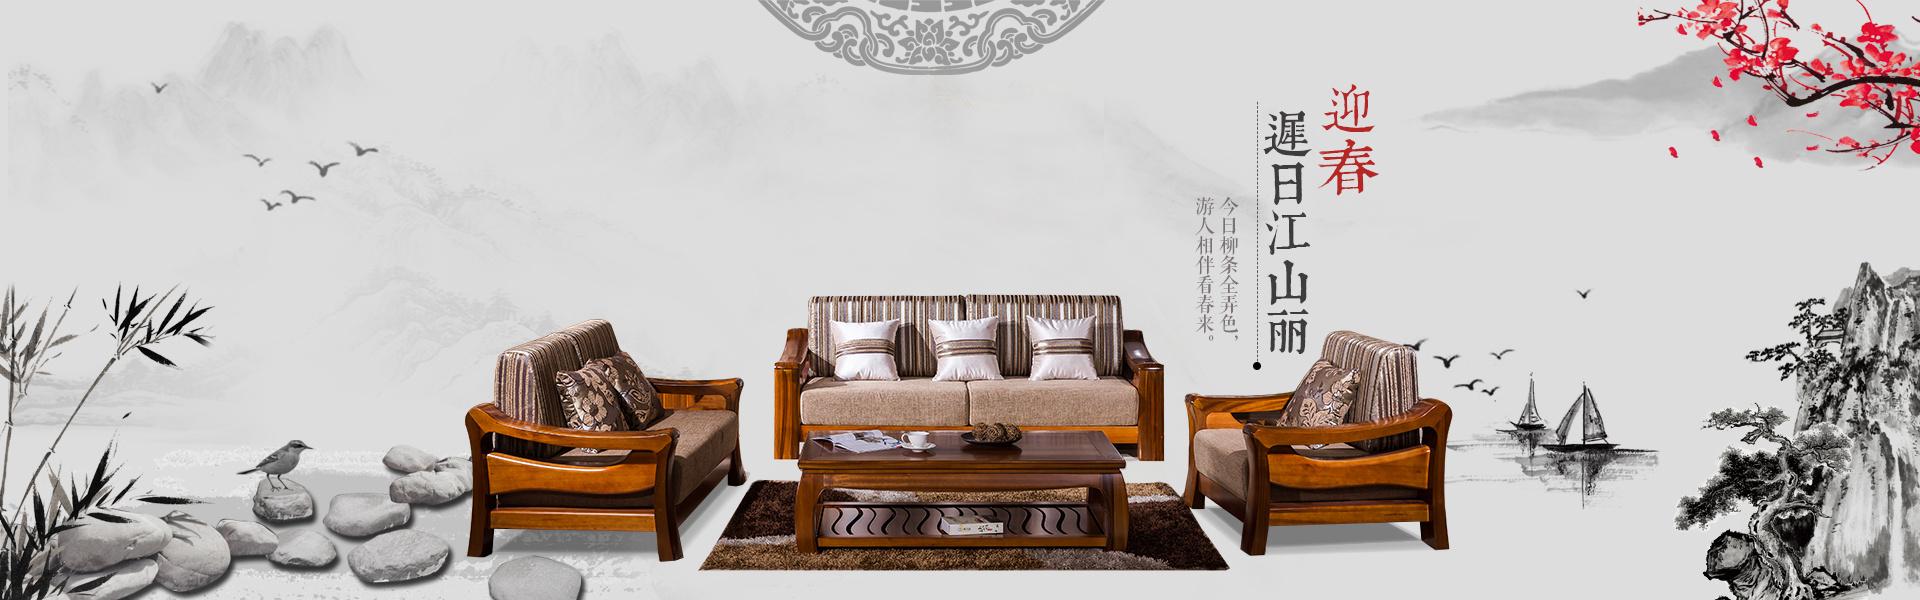 中式沙发家具图片